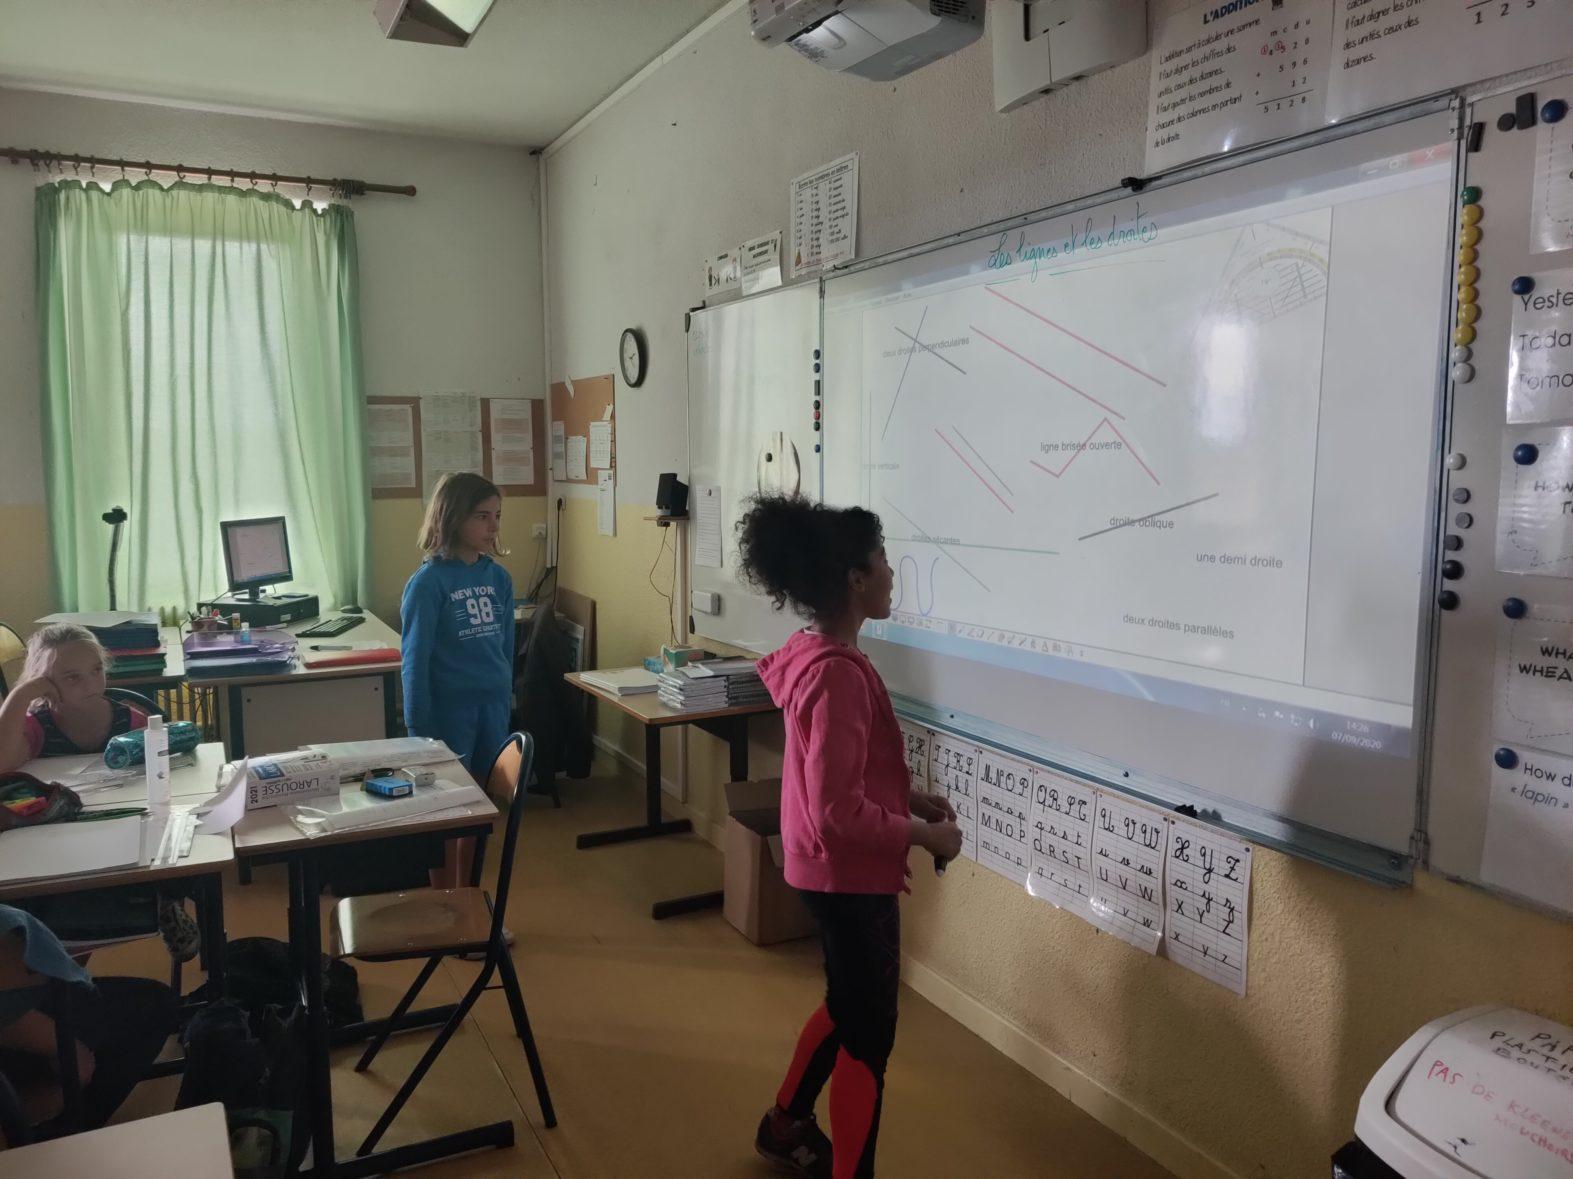 Retrouver une posture d'élève et découvrir de nouveaux outils